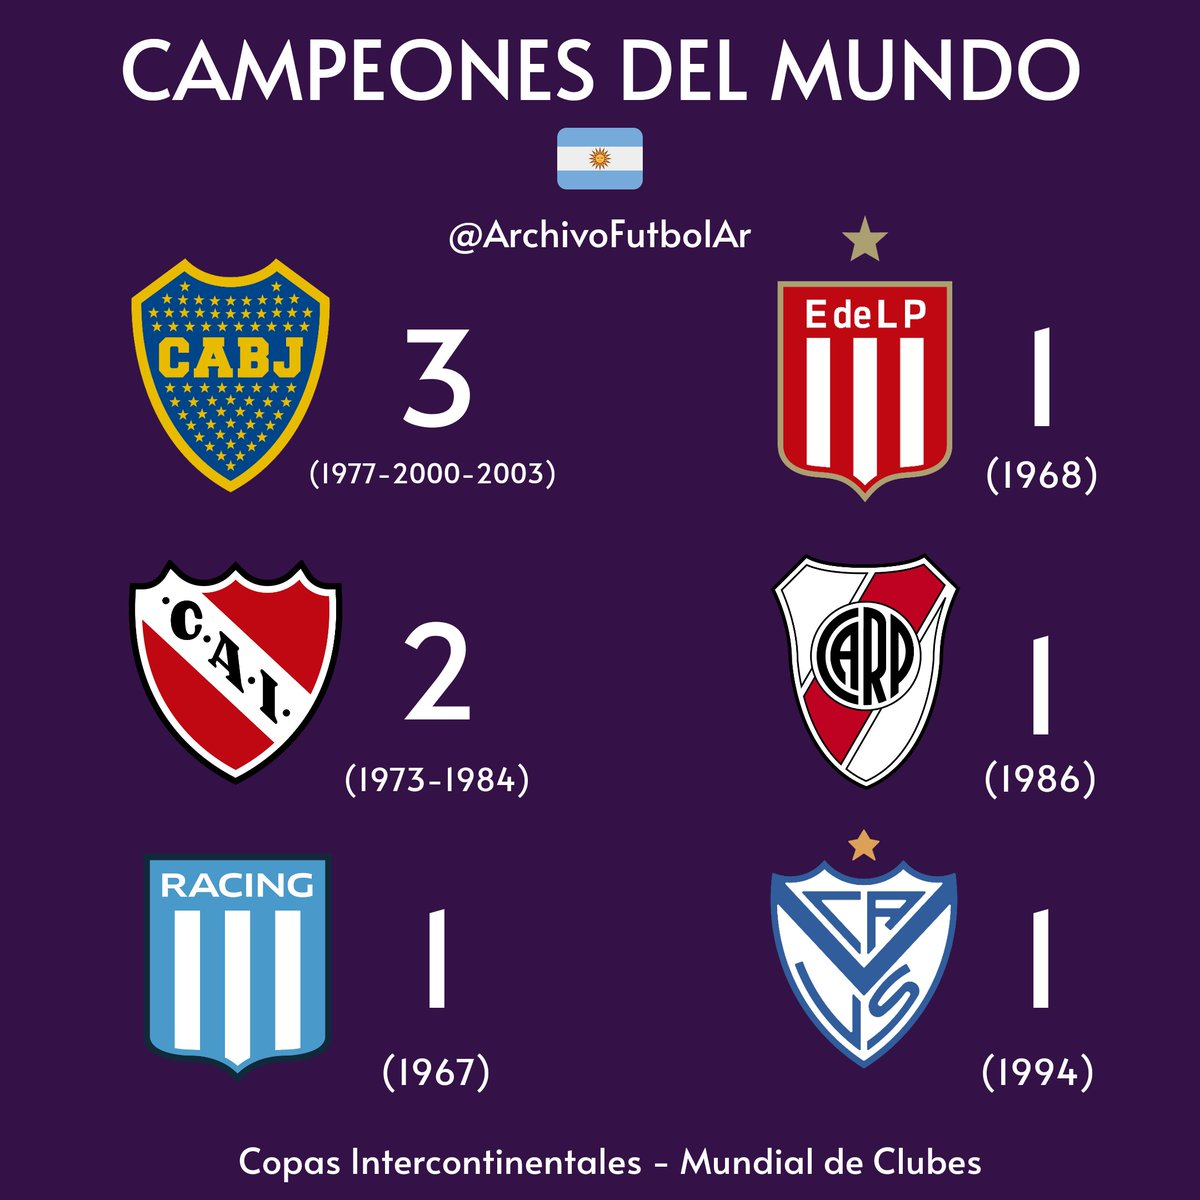 ¡En la cima del Mundo! 🌎  Estos son los únicos clubes argentinos en conquistar la #CopaIntercontinental   #MundialDeClubes 🏆  #Boca  #Independiente  #Racing #Estudiantes  #River #Velez https://t.co/eLtxreCG2z